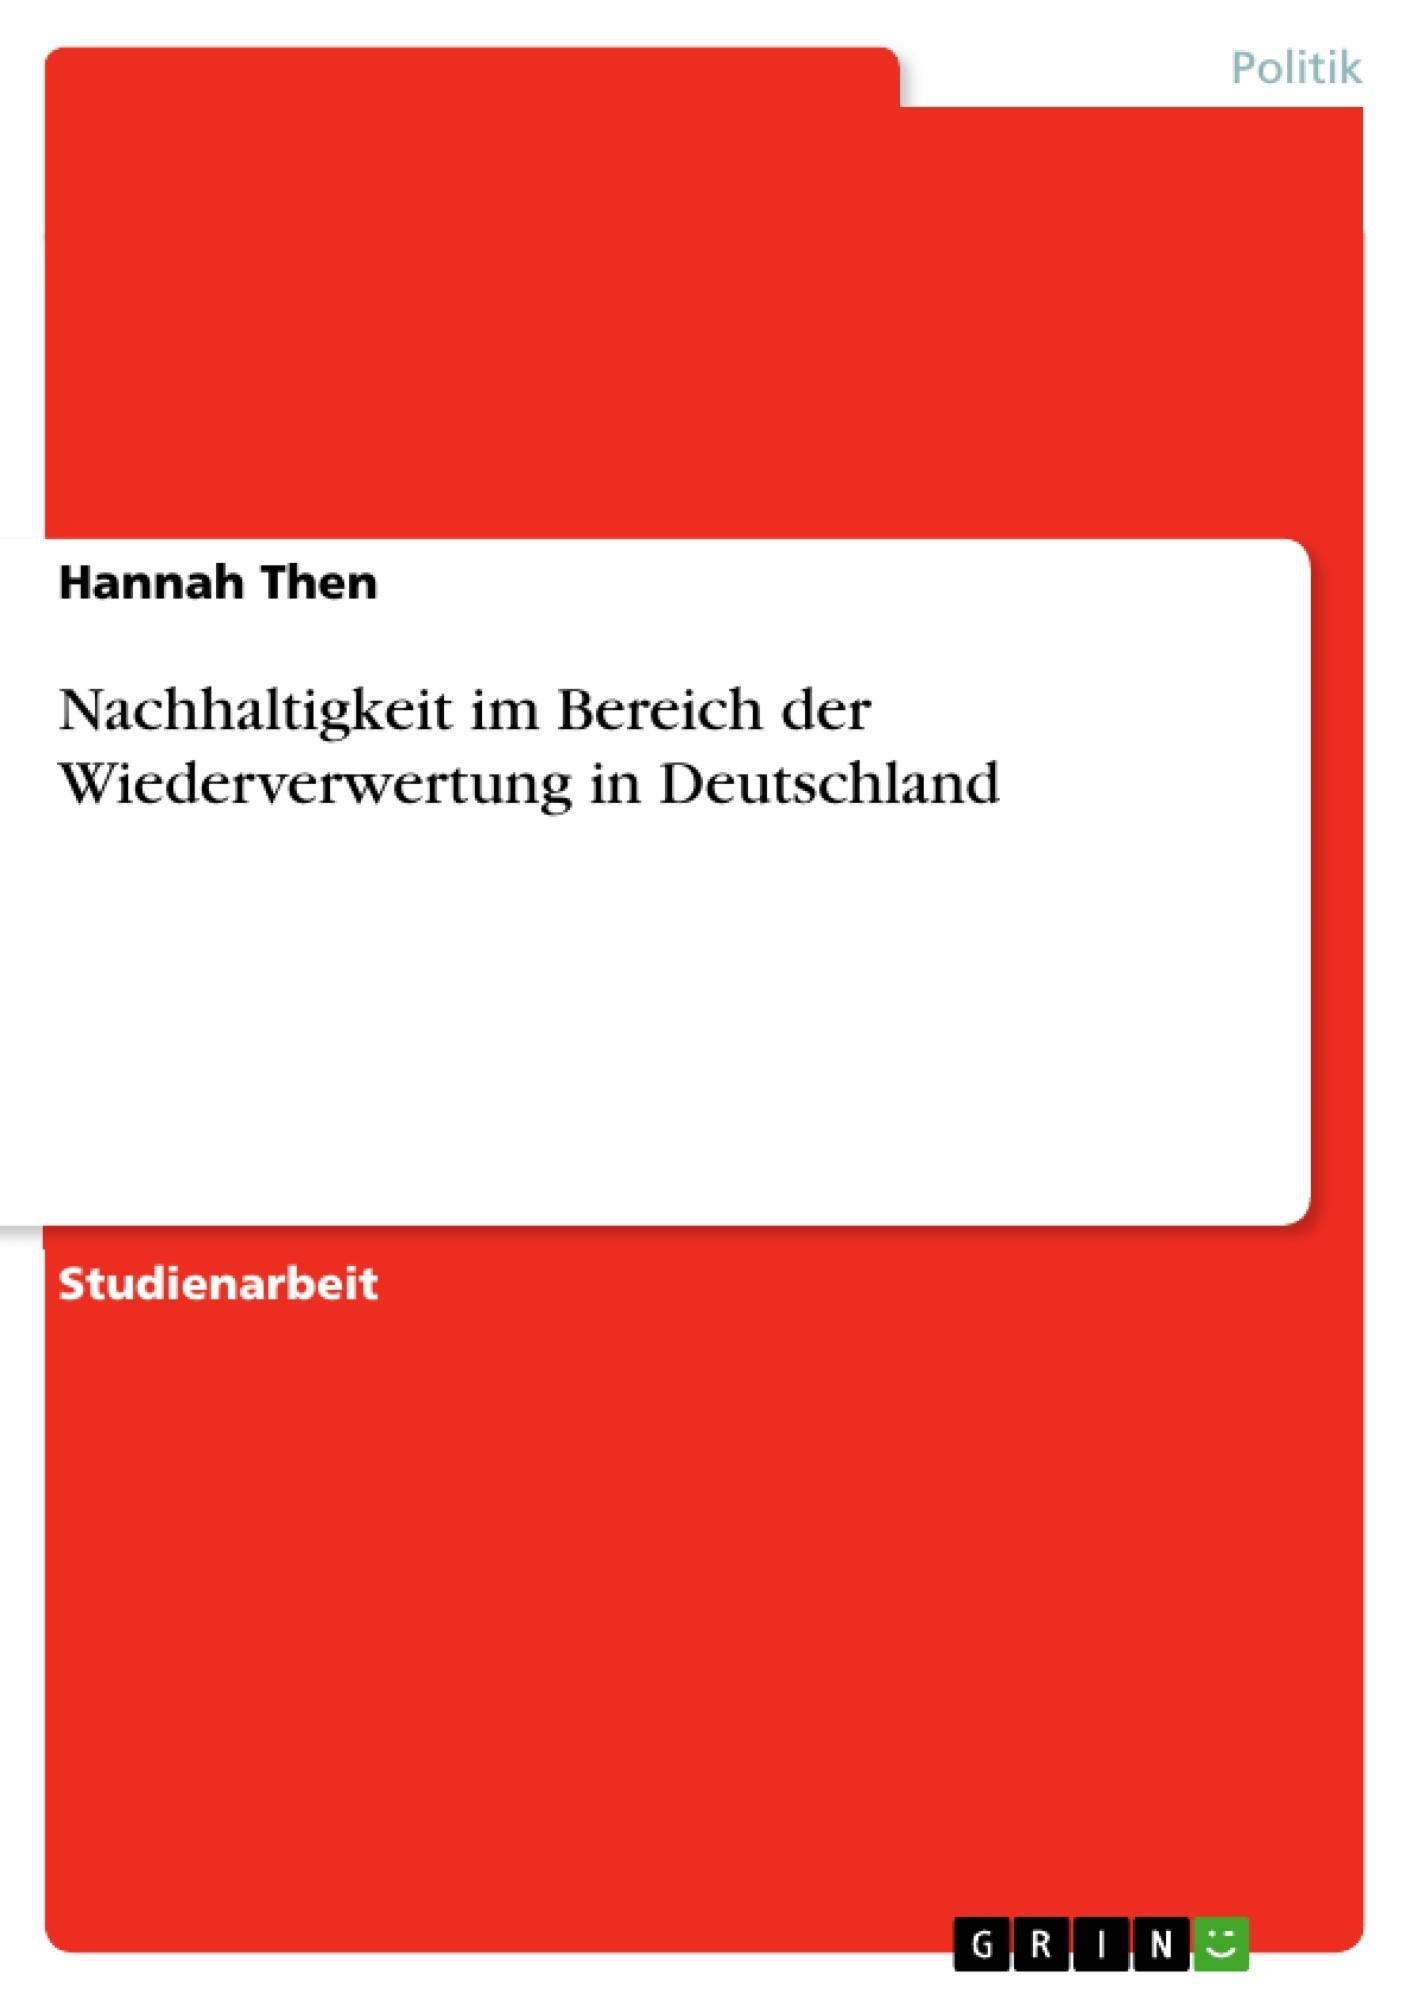 Titel: Nachhaltigkeit im Bereich der Wiederverwertung in Deutschland